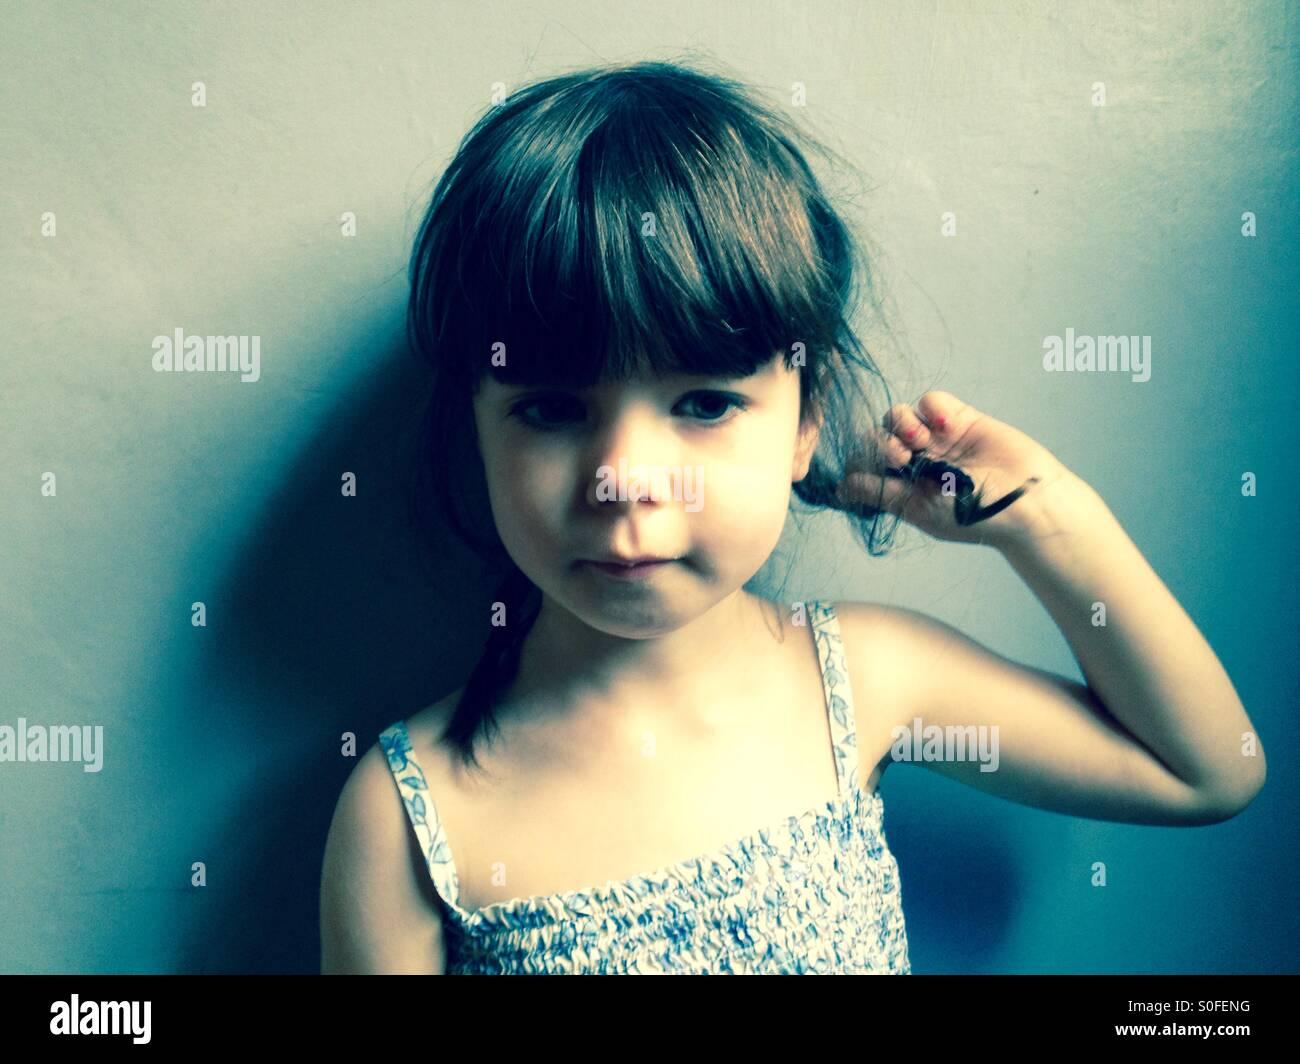 3-años de edad, niña jugando con su cabello Imagen De Stock